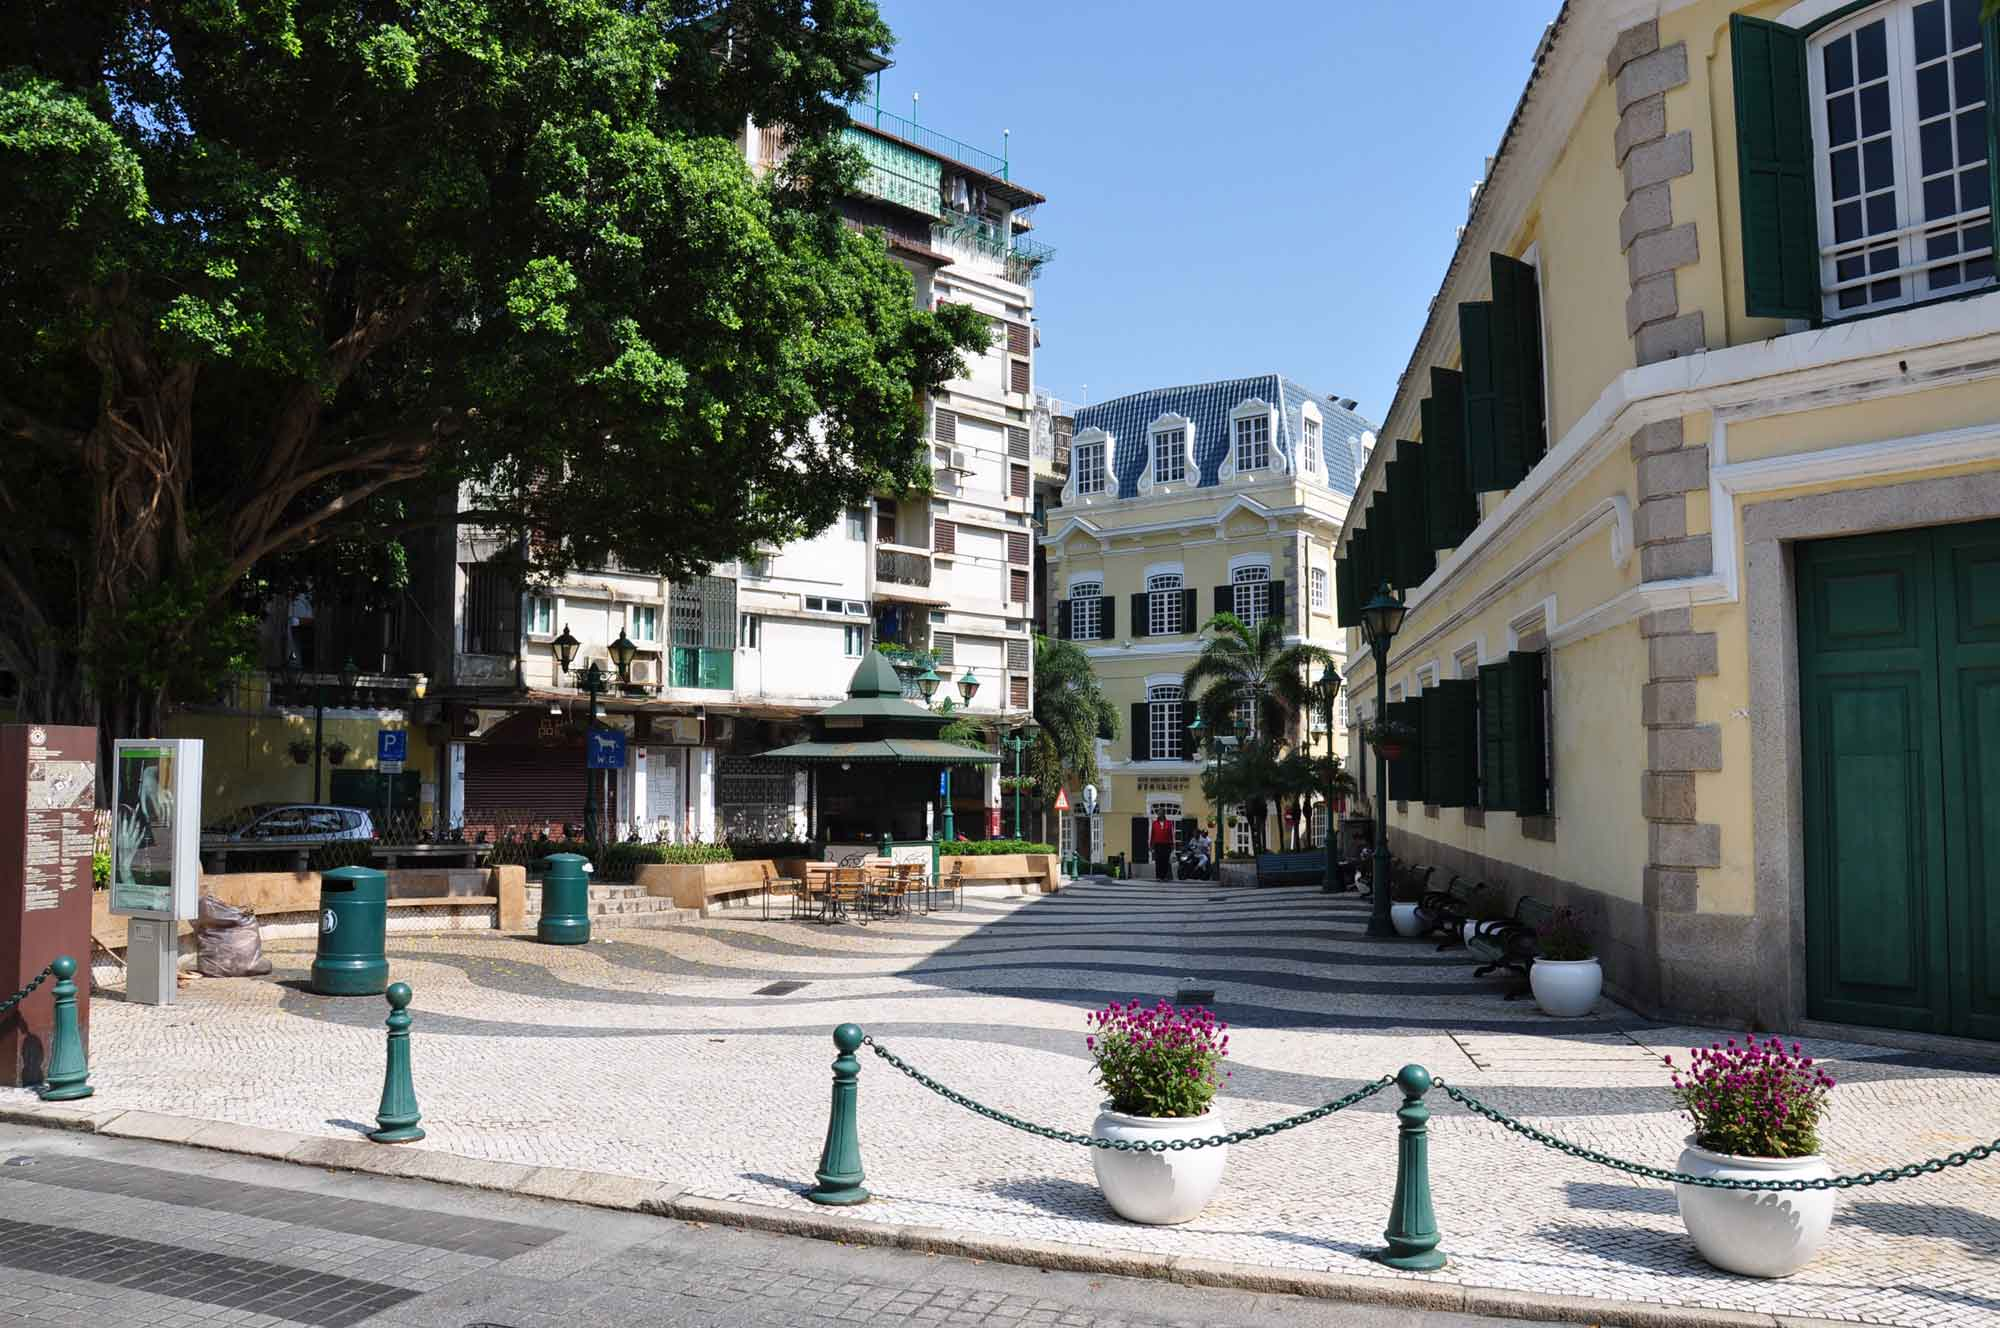 St. Augustine's Square Macau